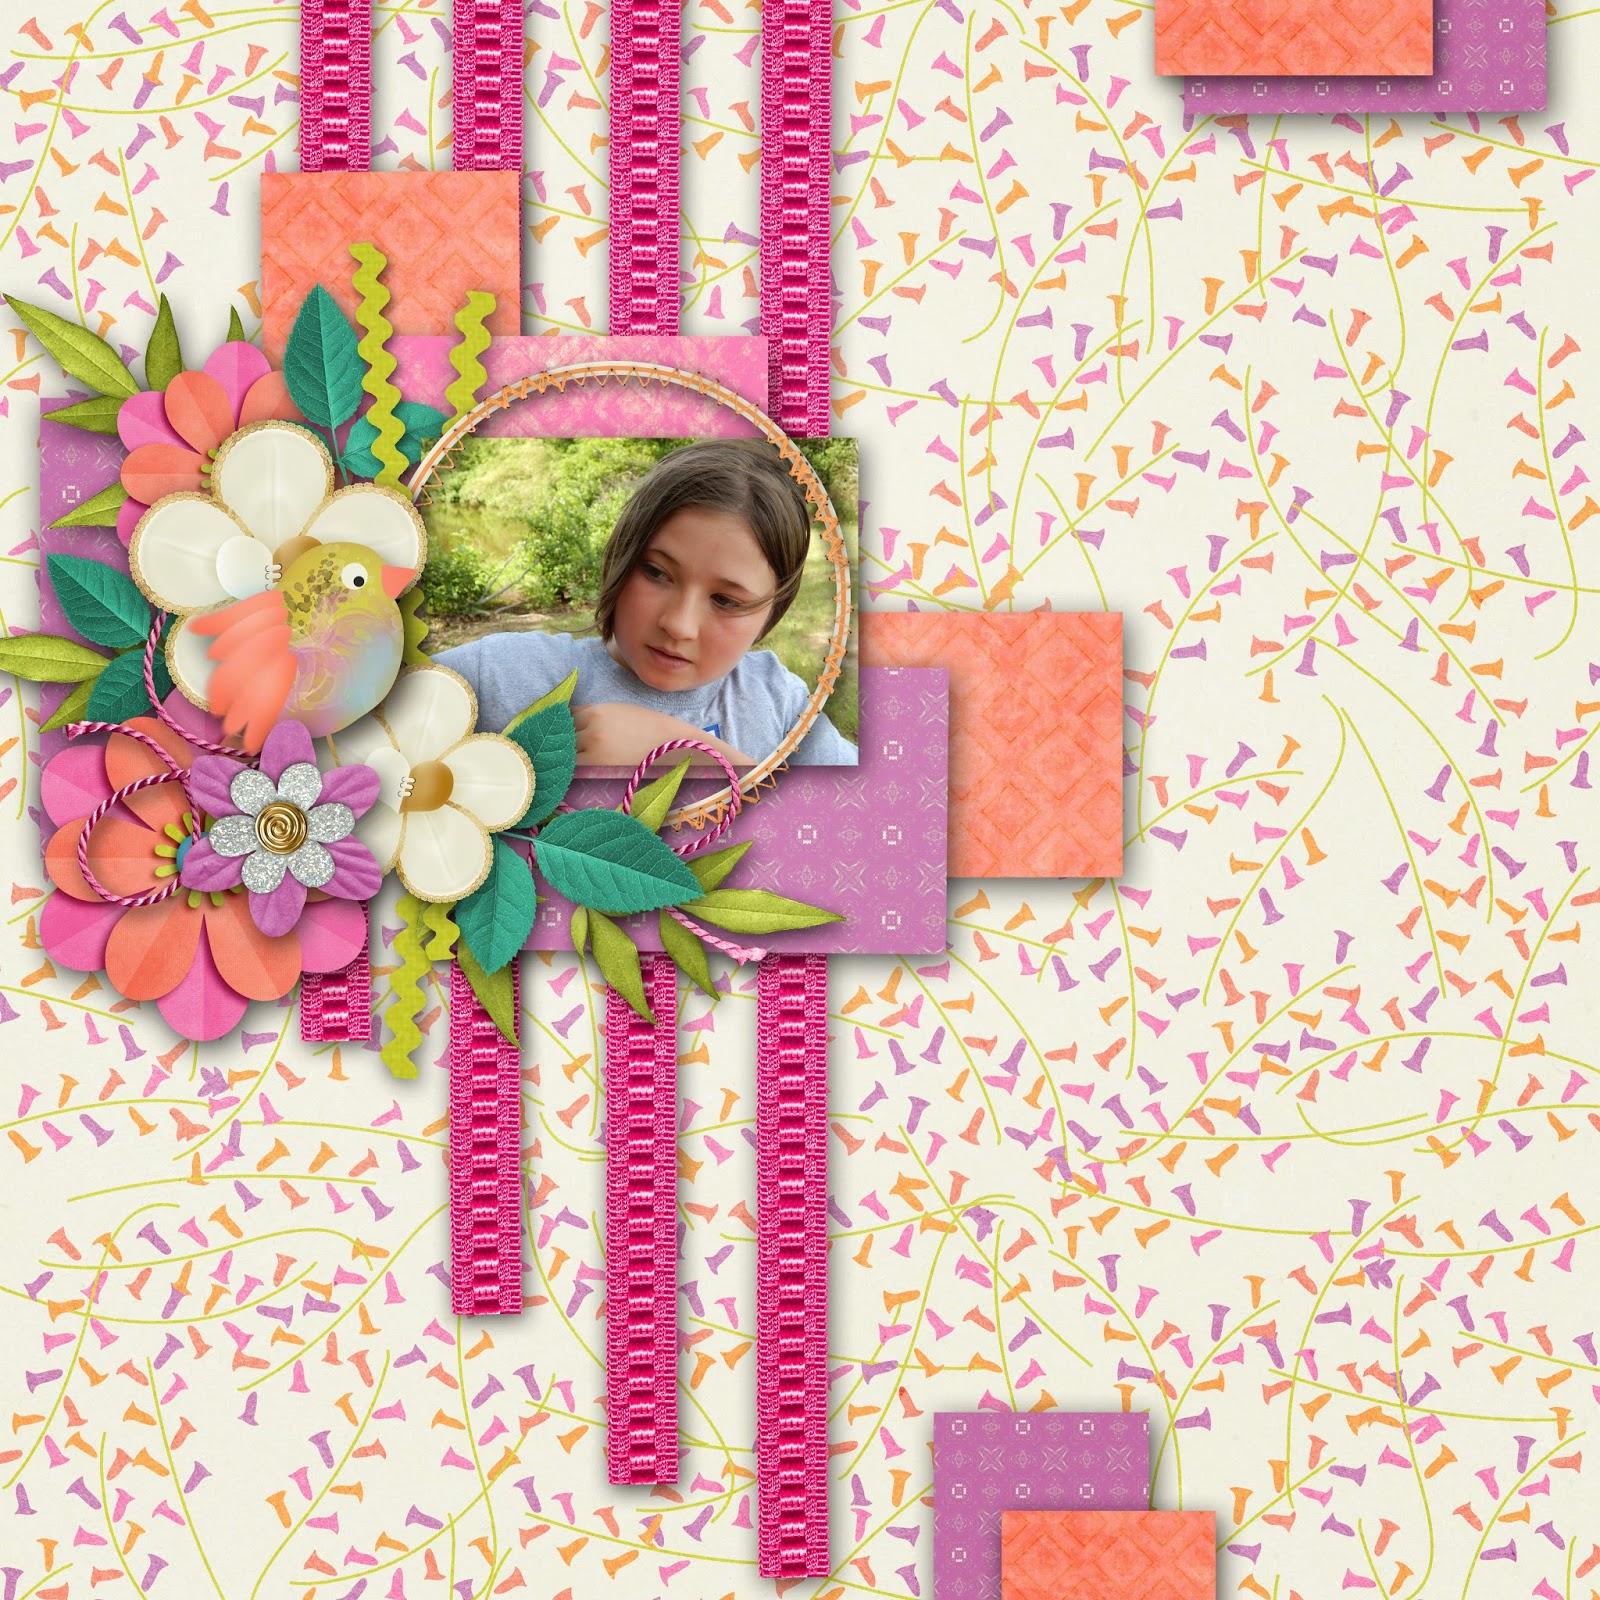 http://2.bp.blogspot.com/-FaCYAK38XZI/U_fm7NHc-wI/AAAAAAAAAwo/nUFjC3MVMX8/s1600/Breezy.jpg